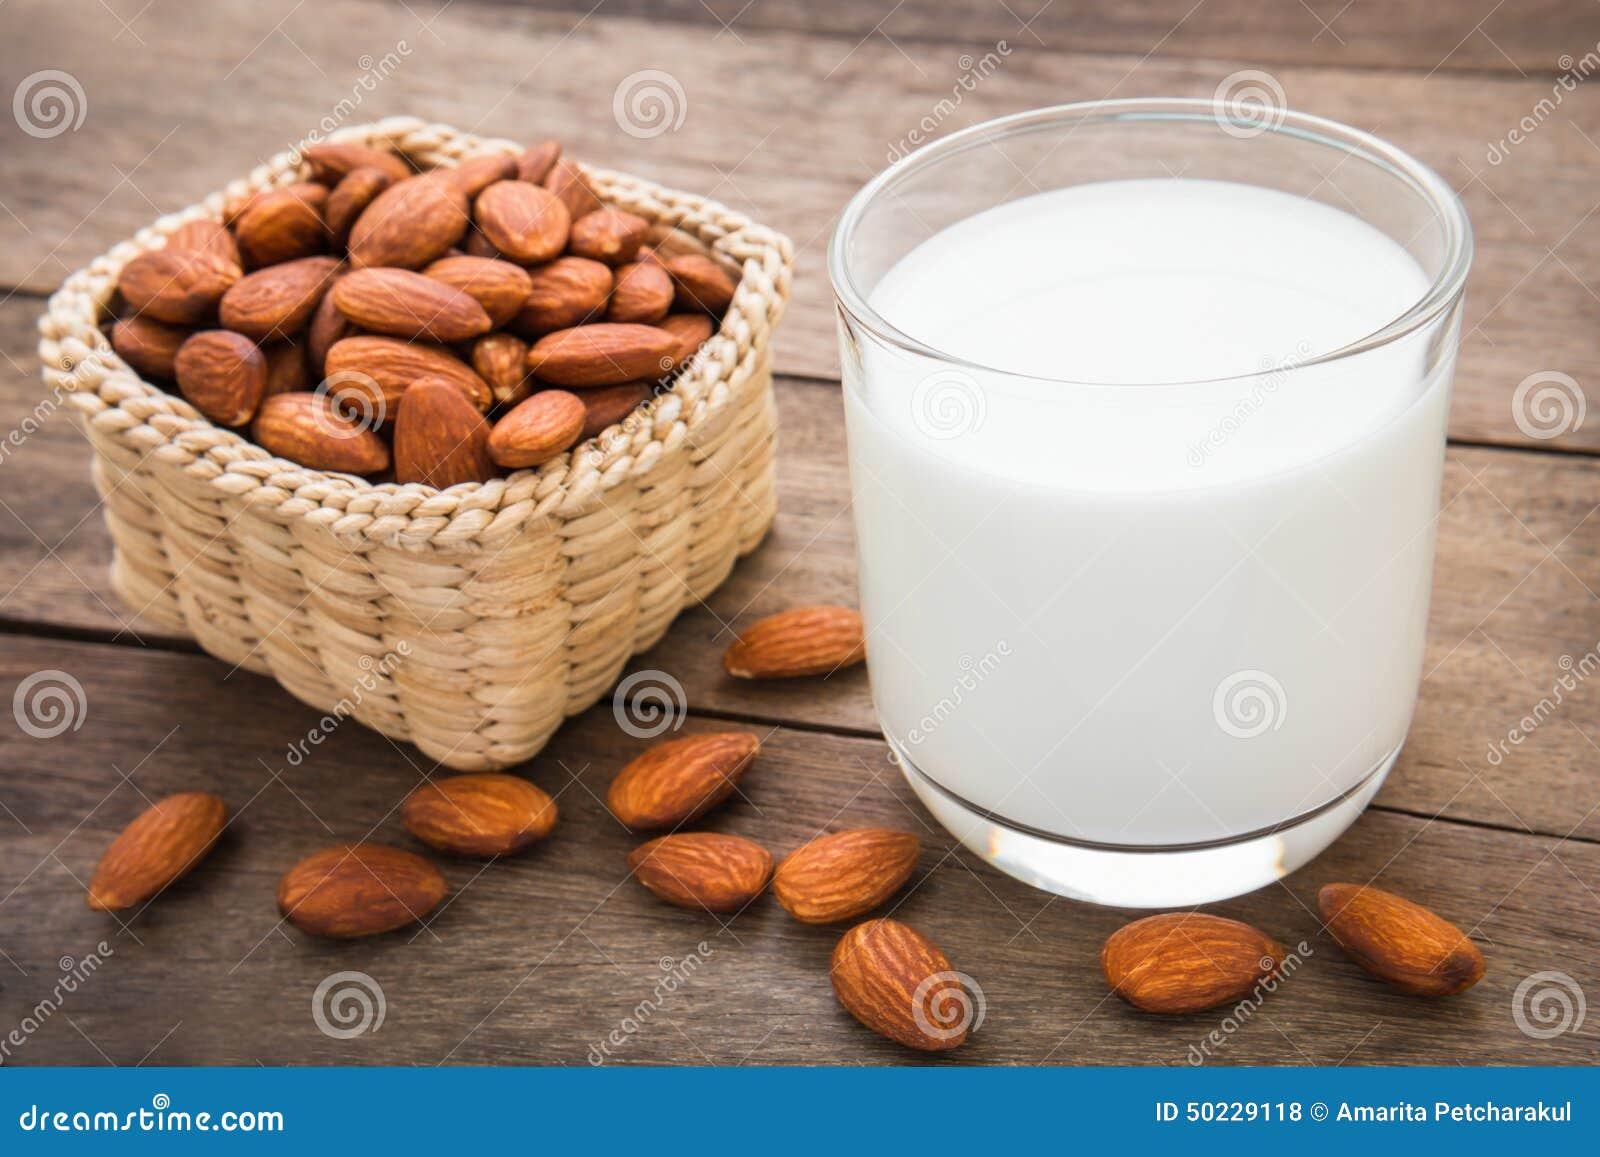 Γάλα αμυγδάλων στο γυαλί με τα αμύγδαλα στον ξύλινο πίνακα